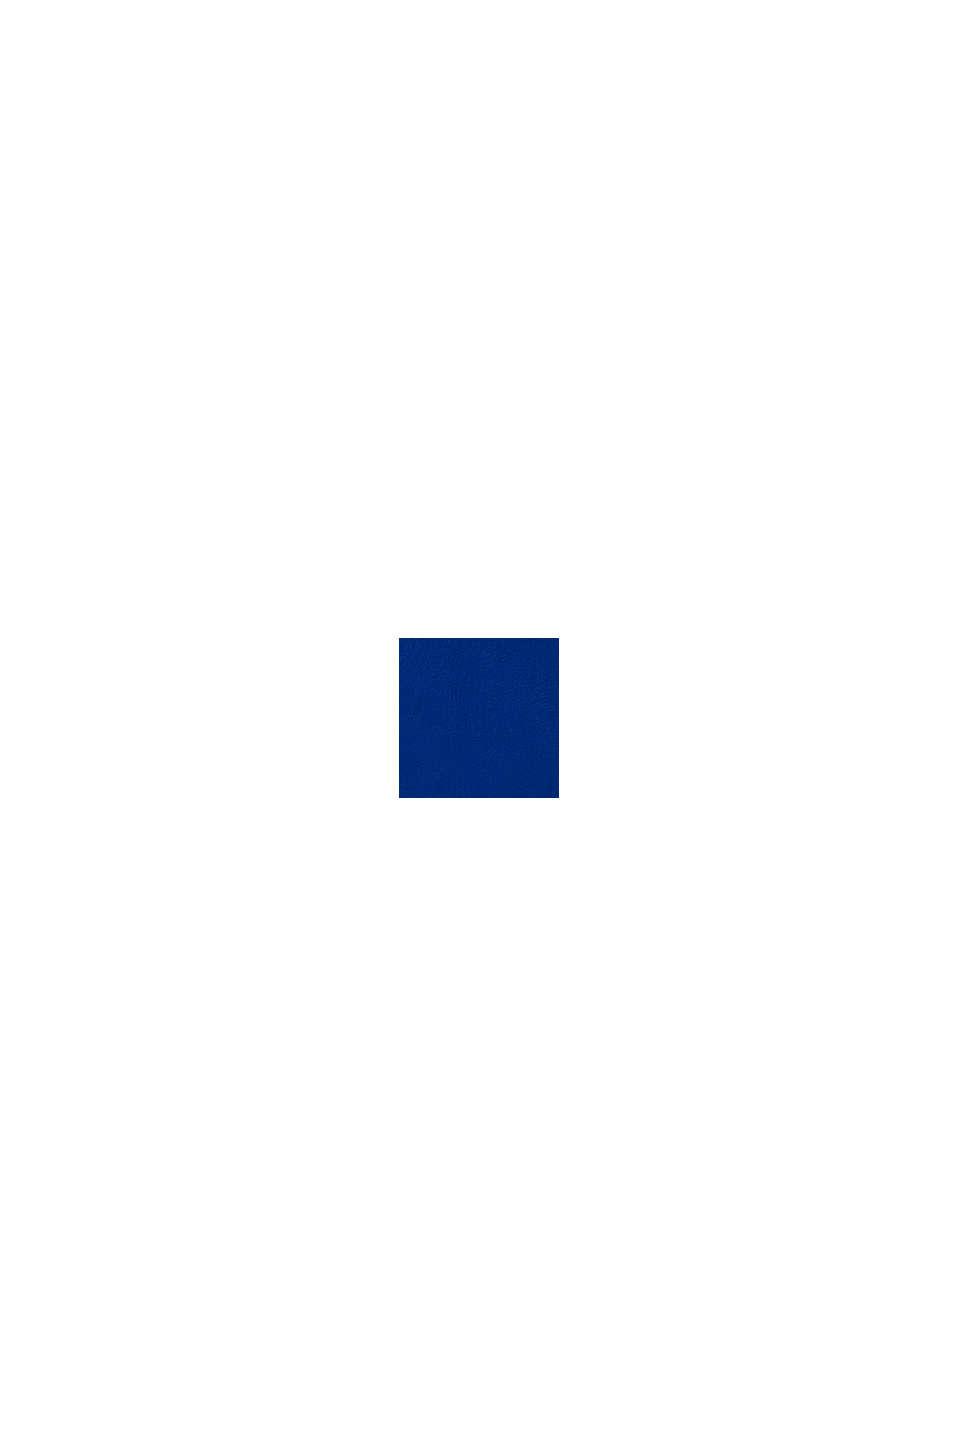 Sweatshirt met logo van 100% katoen, BRIGHT BLUE, swatch